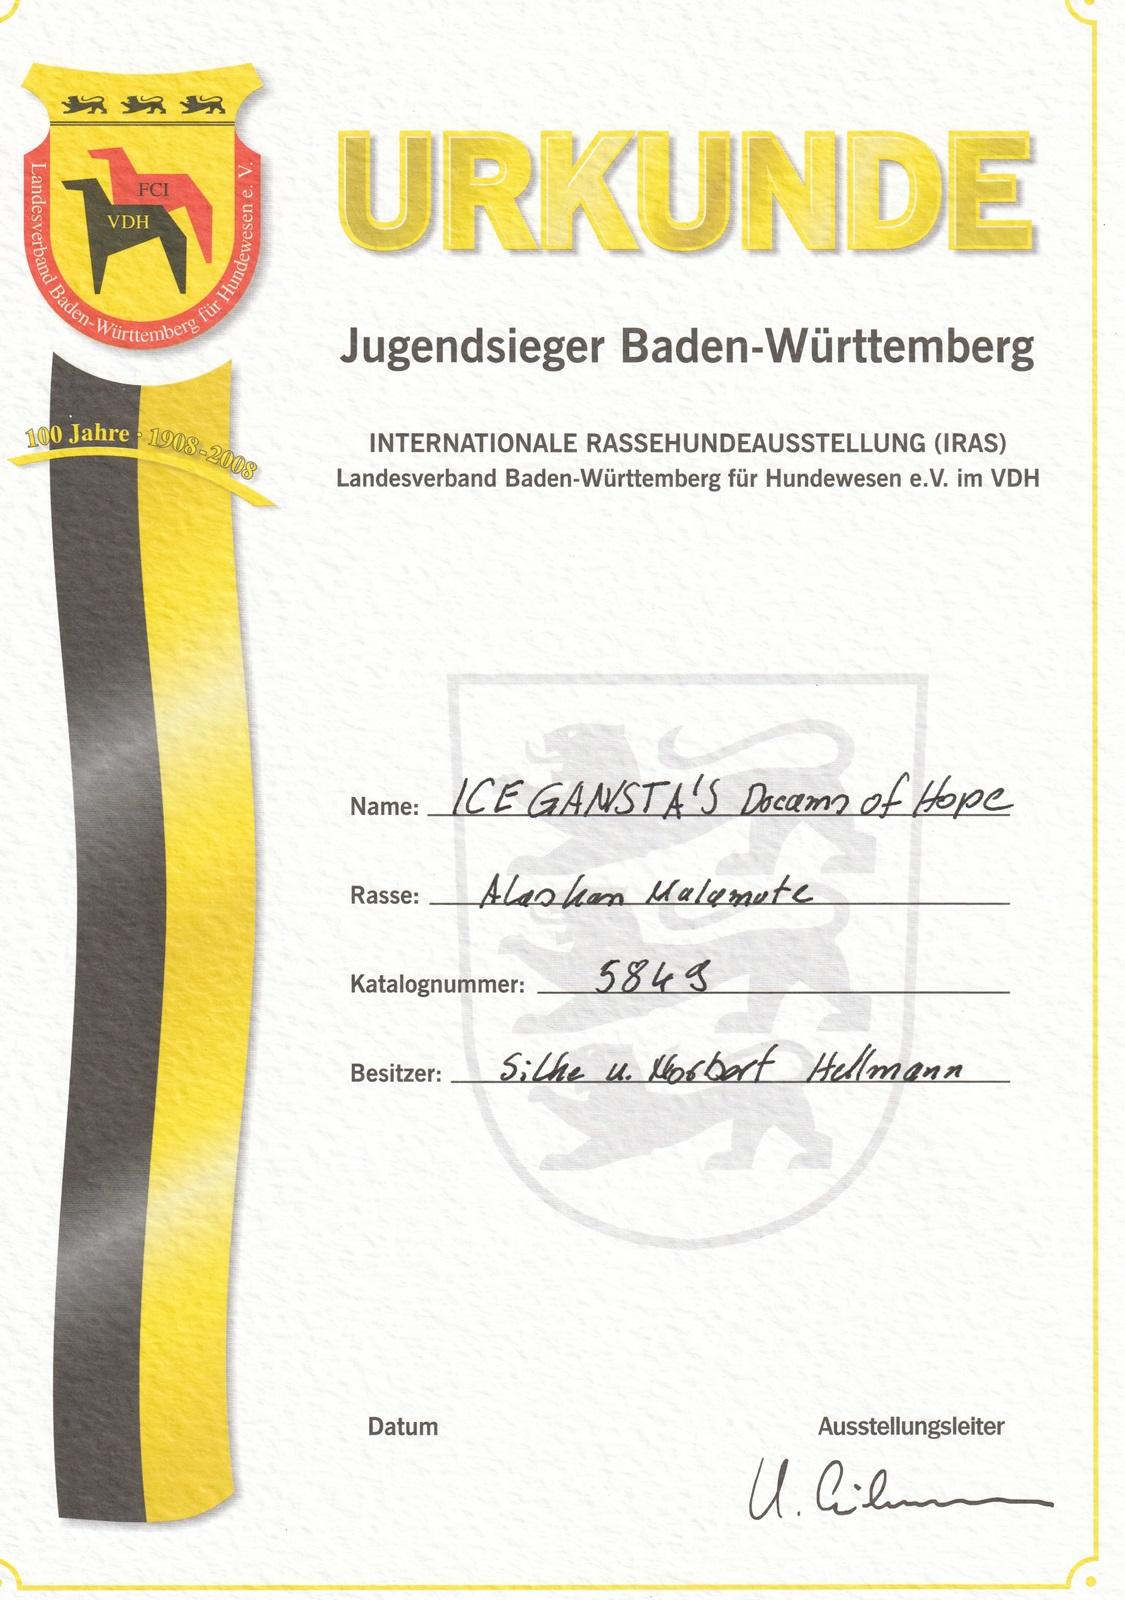 Urkunde Dreamy Jugendsieger BW_1600